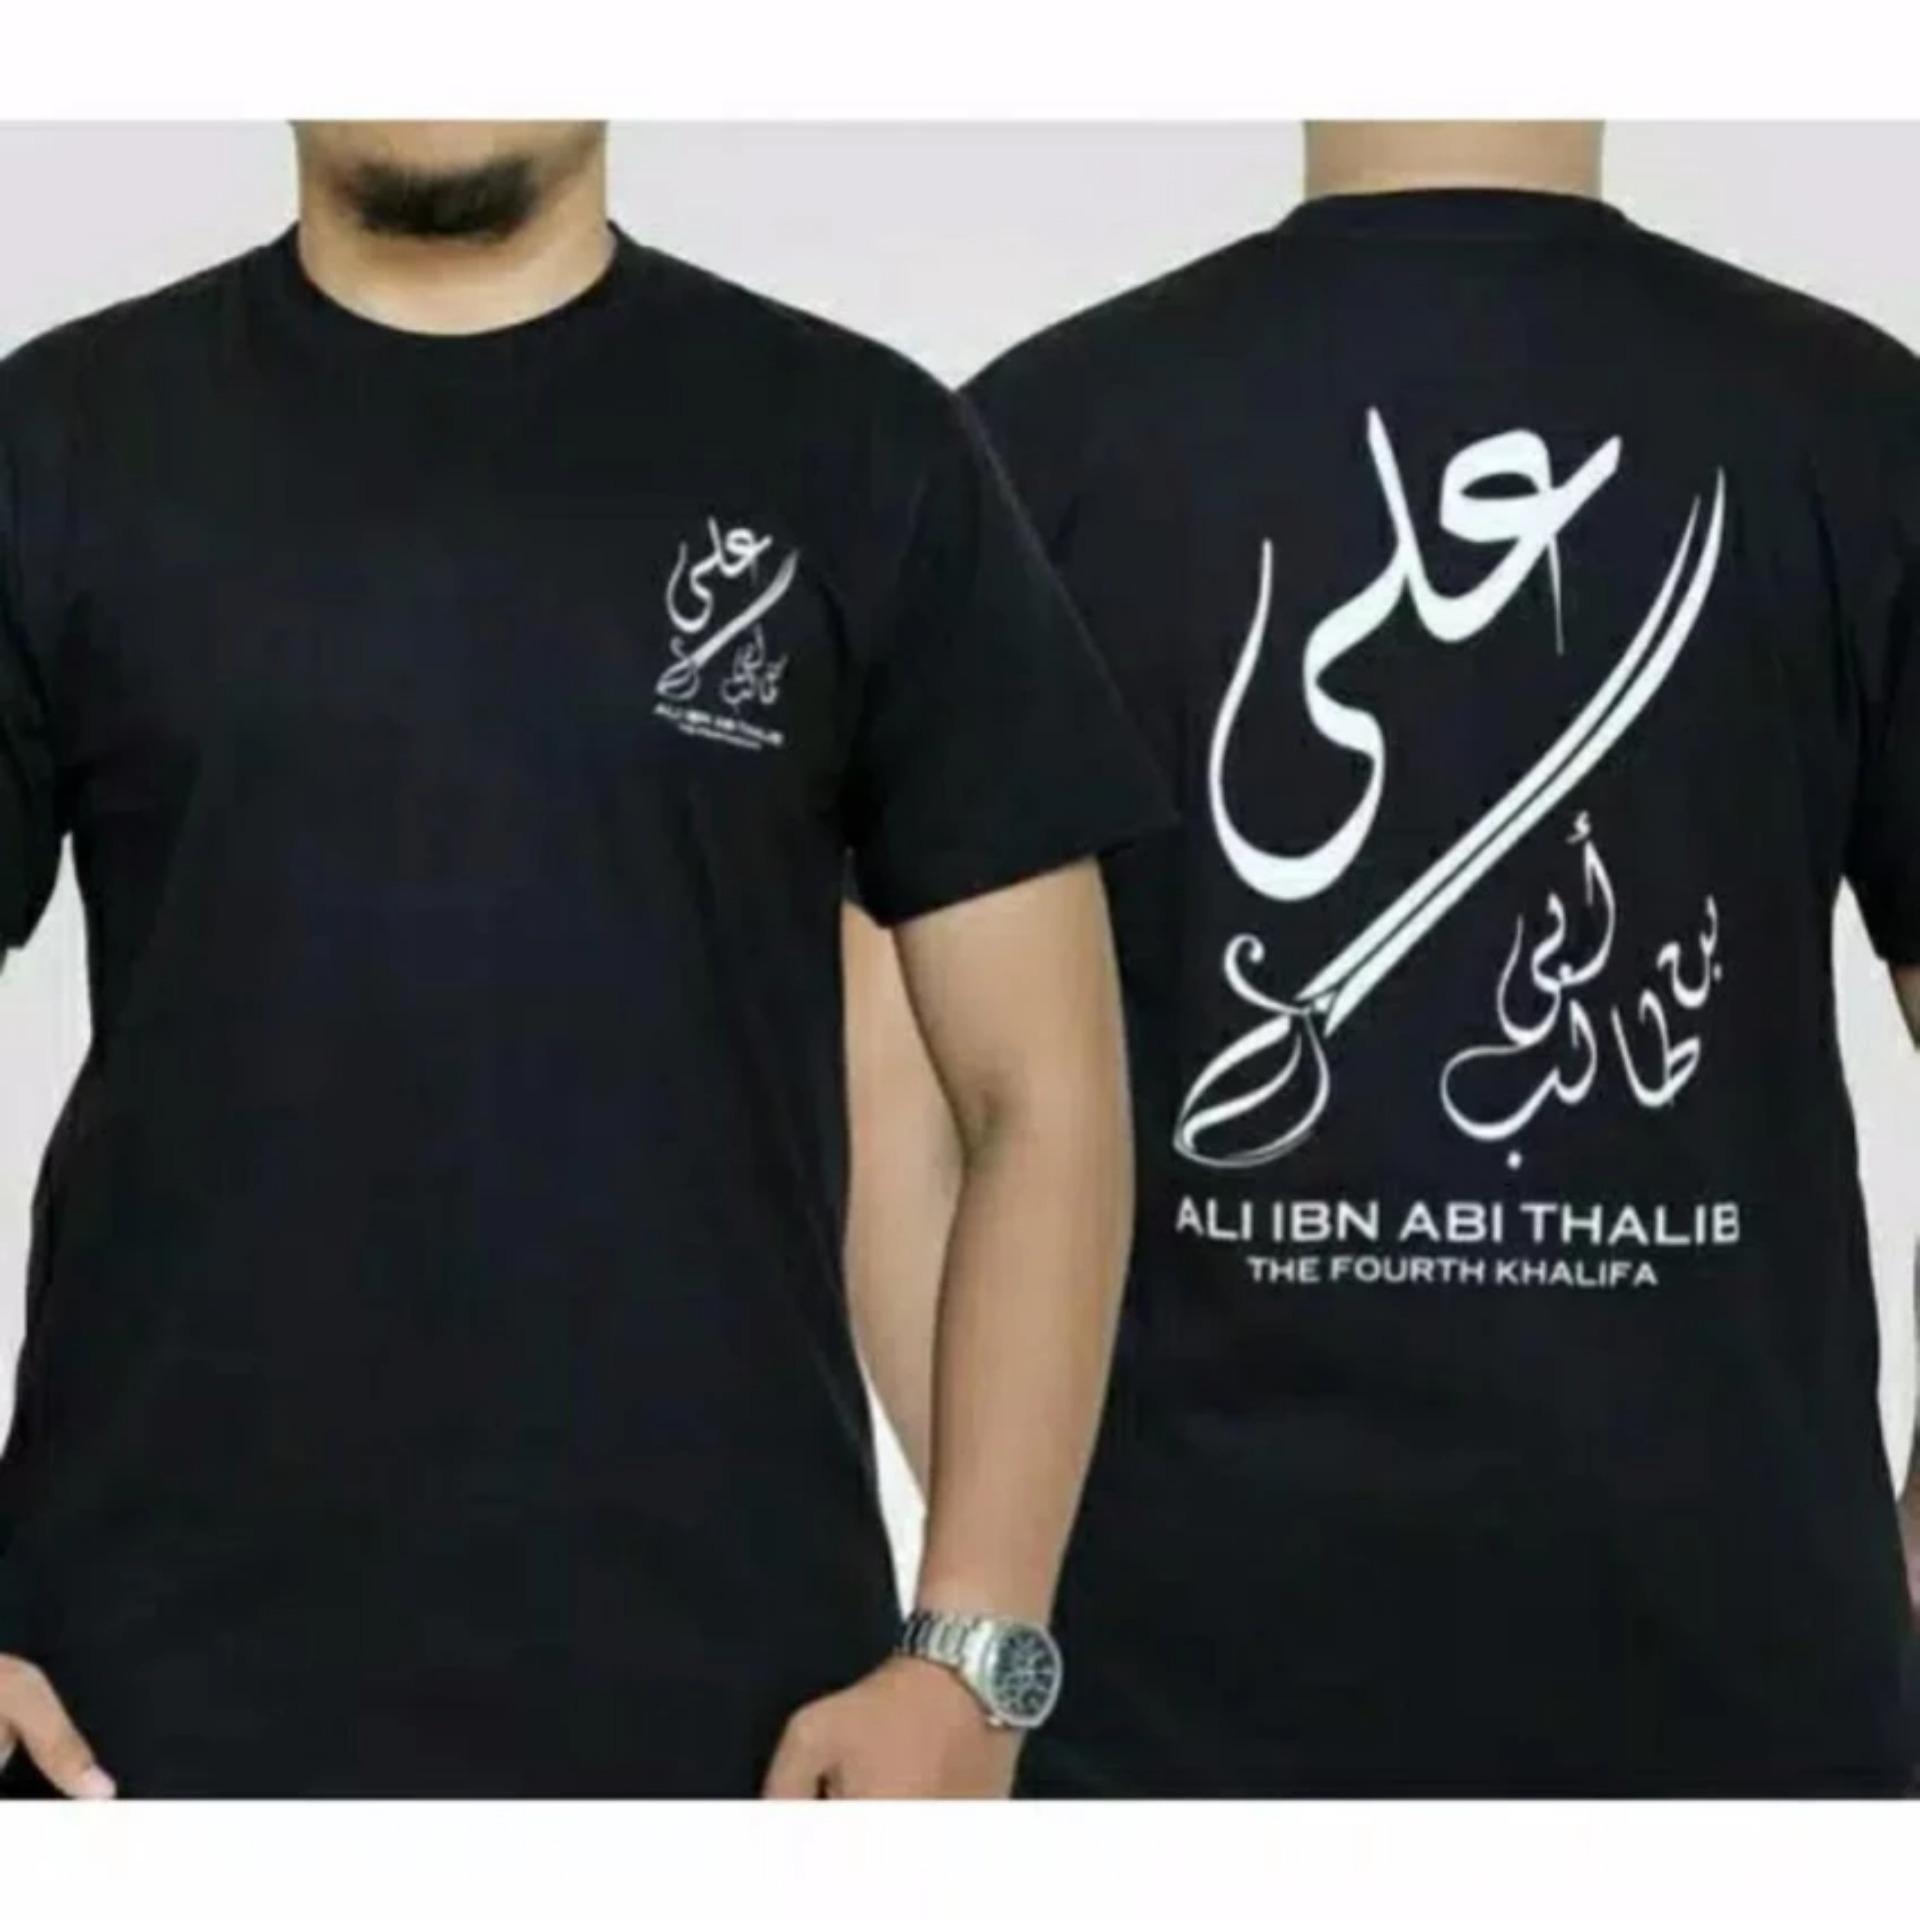 Spek Kaos Ali Ibn Abi Thalib Hitam One Tshirt